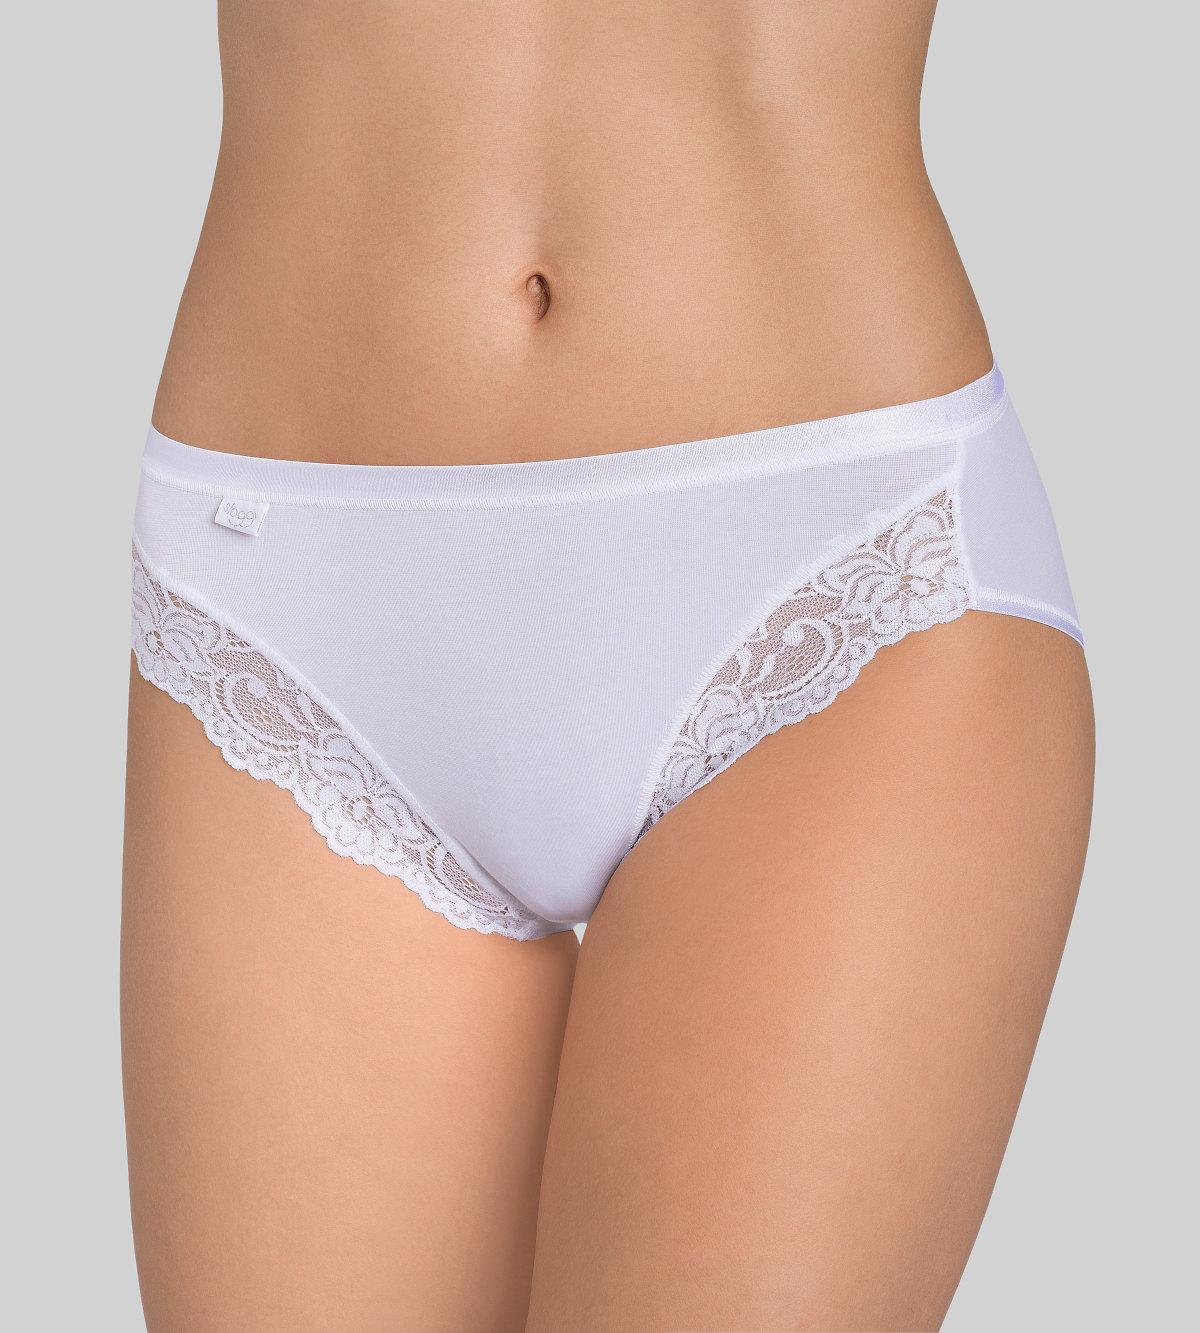 Kalhotky Sloggi Romance Tai bílé Velikost do filtru: 40, Barva Triumph: bílá (0003)